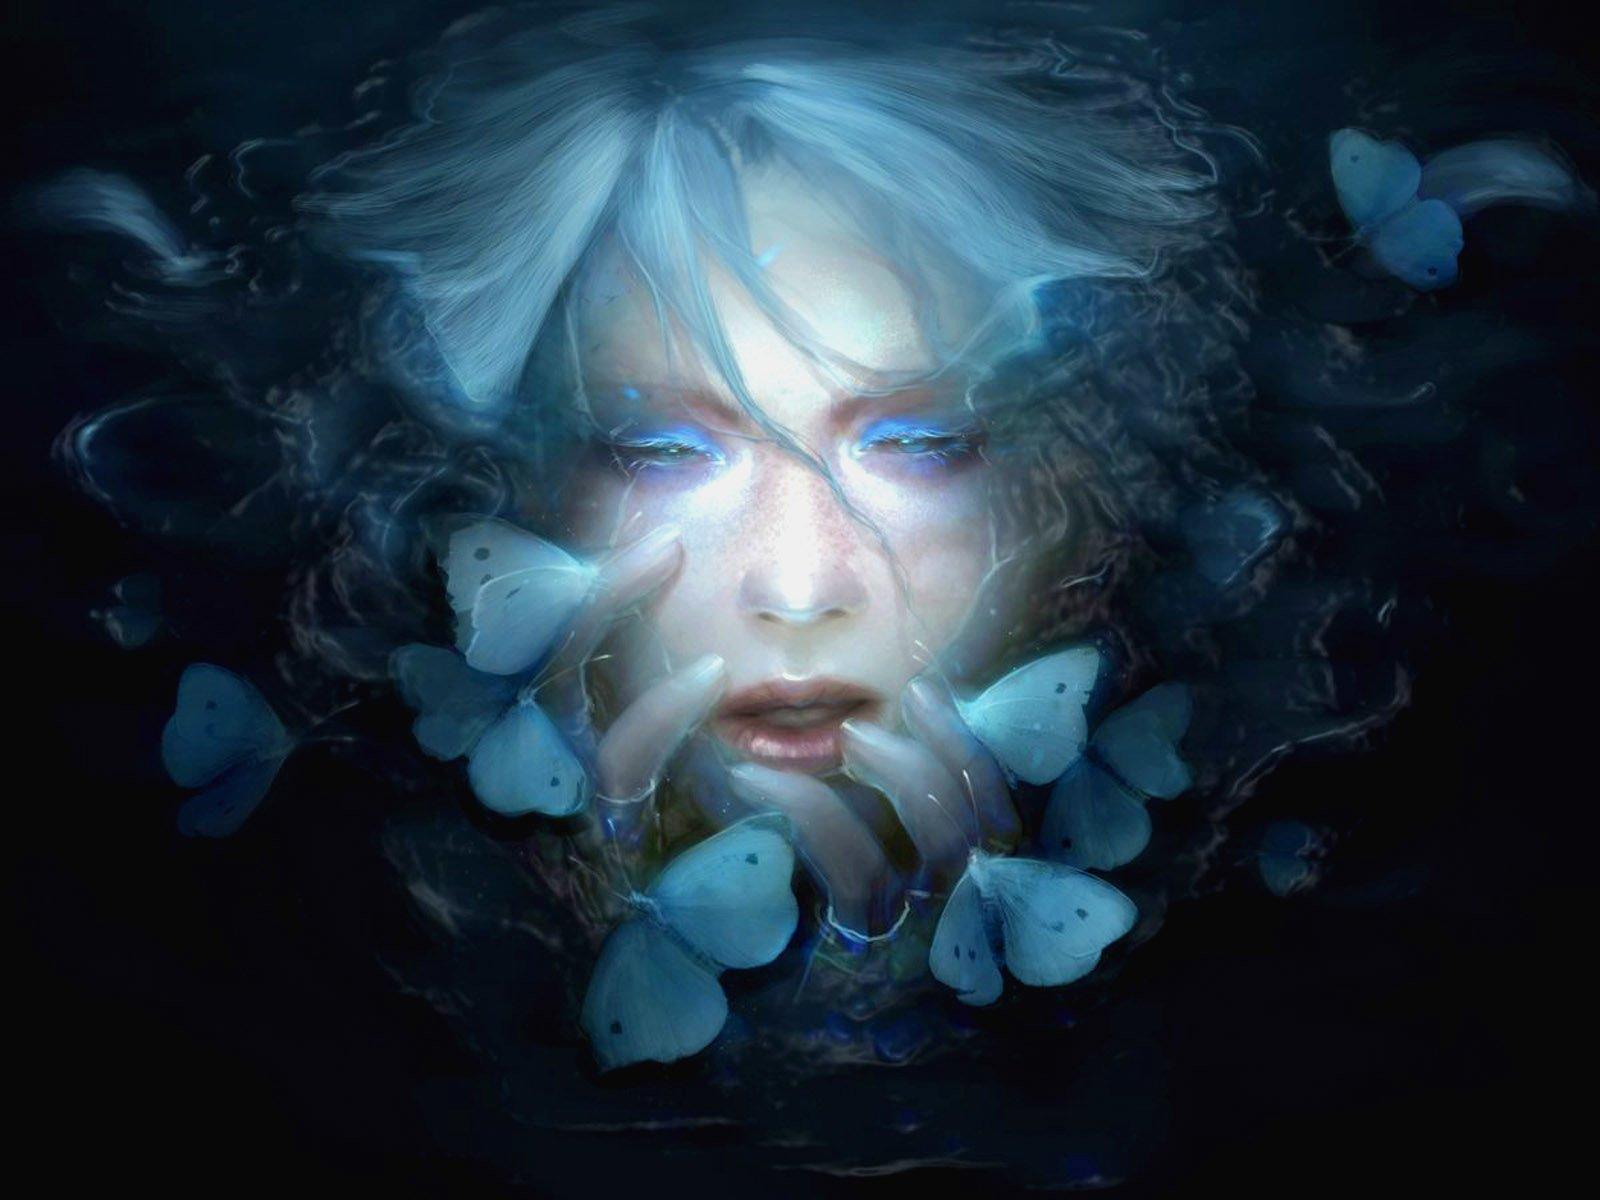 Fantasía - Oscuro  Fantasía Mariposa Cara Fondo de Pantalla